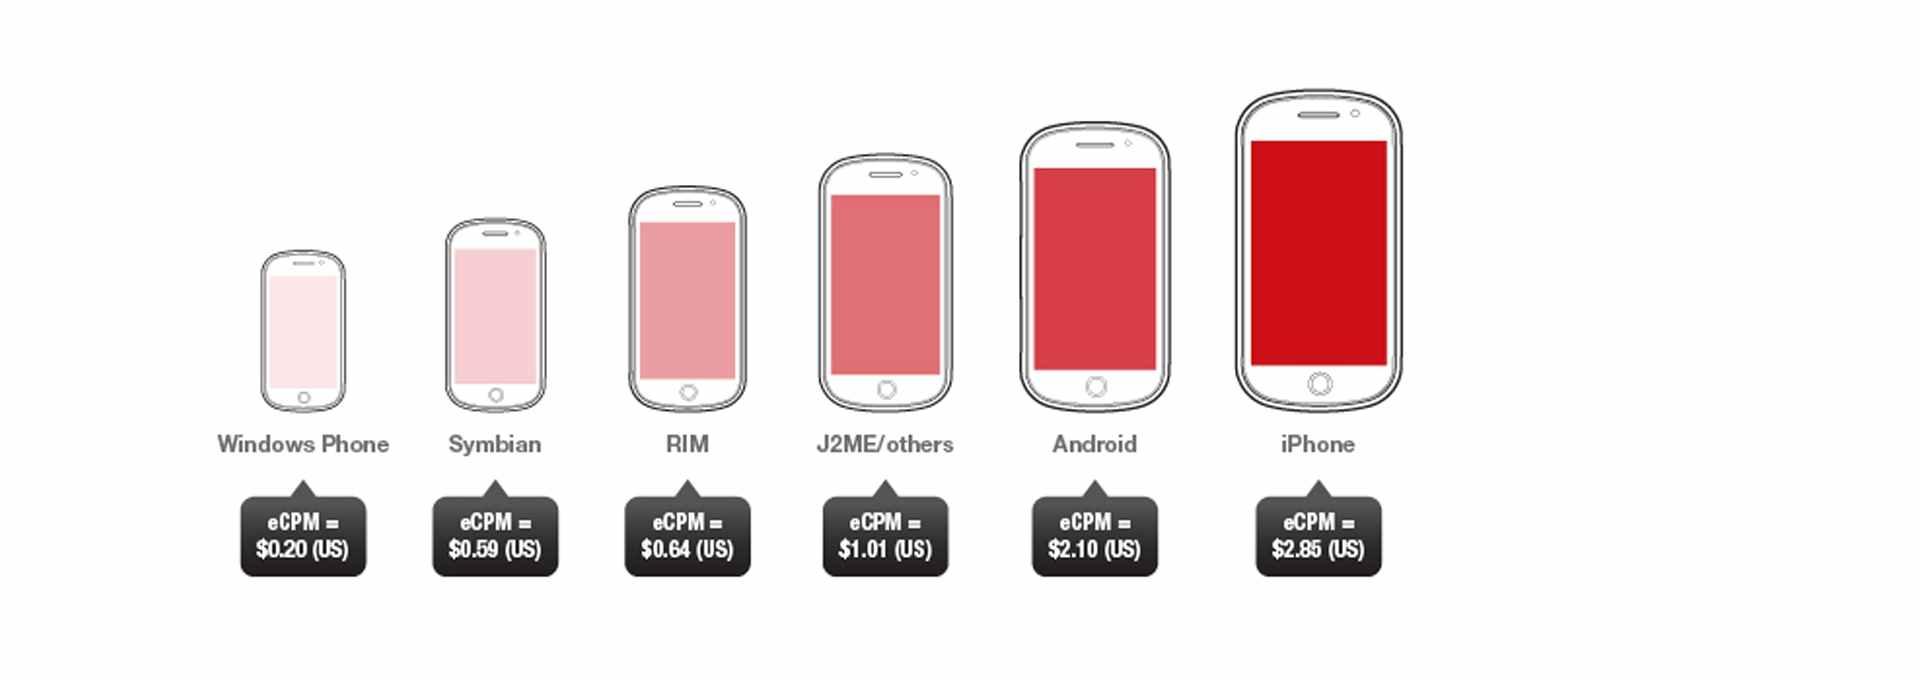 L'iPhone est la meilleure plateforme pour la publicité mobile sur smartphone